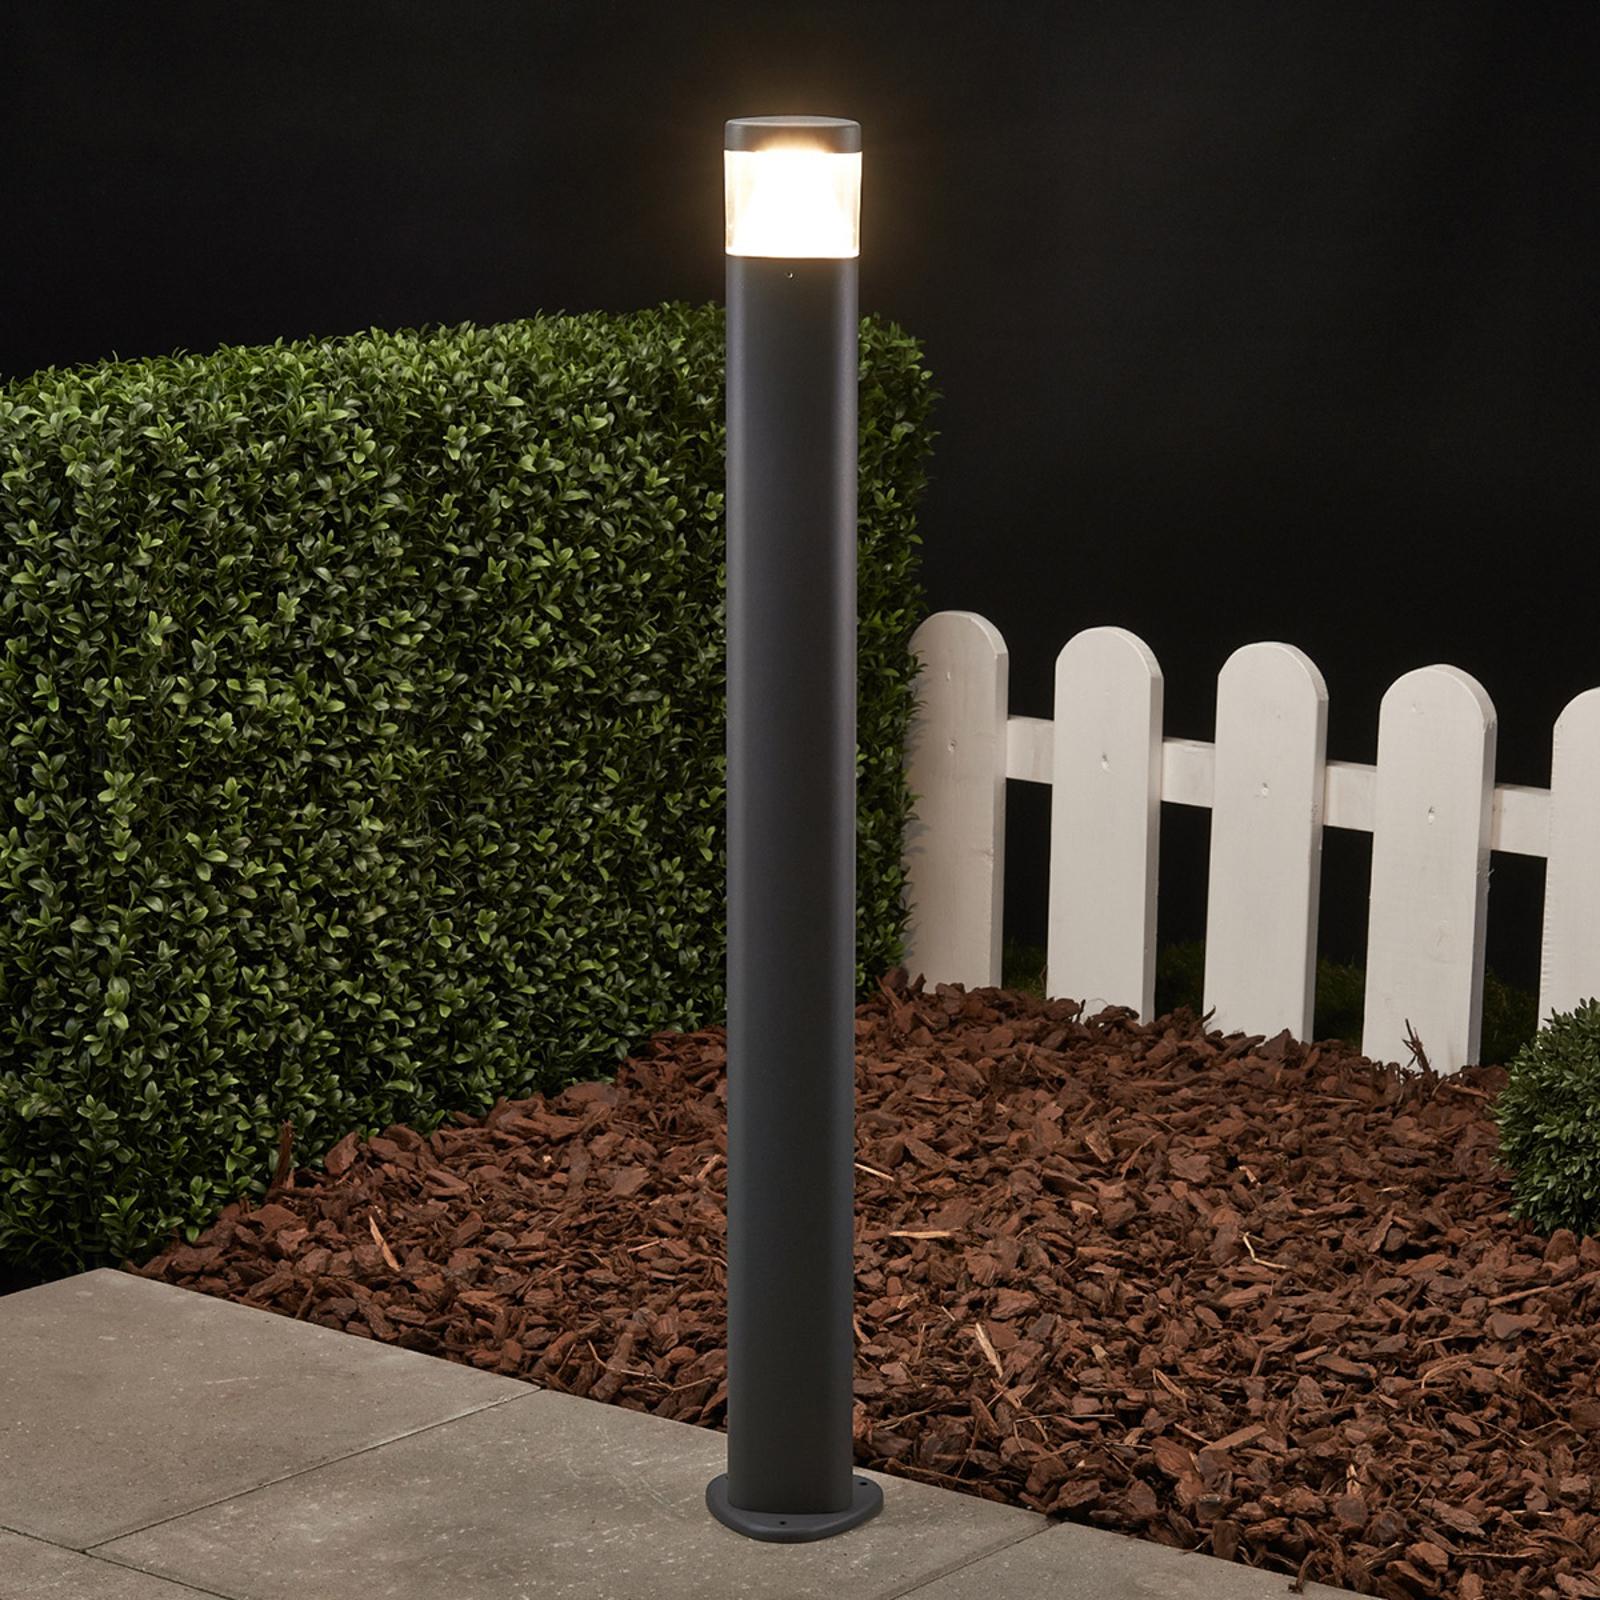 LED-Pollerleuchte Milou aus Aluminium